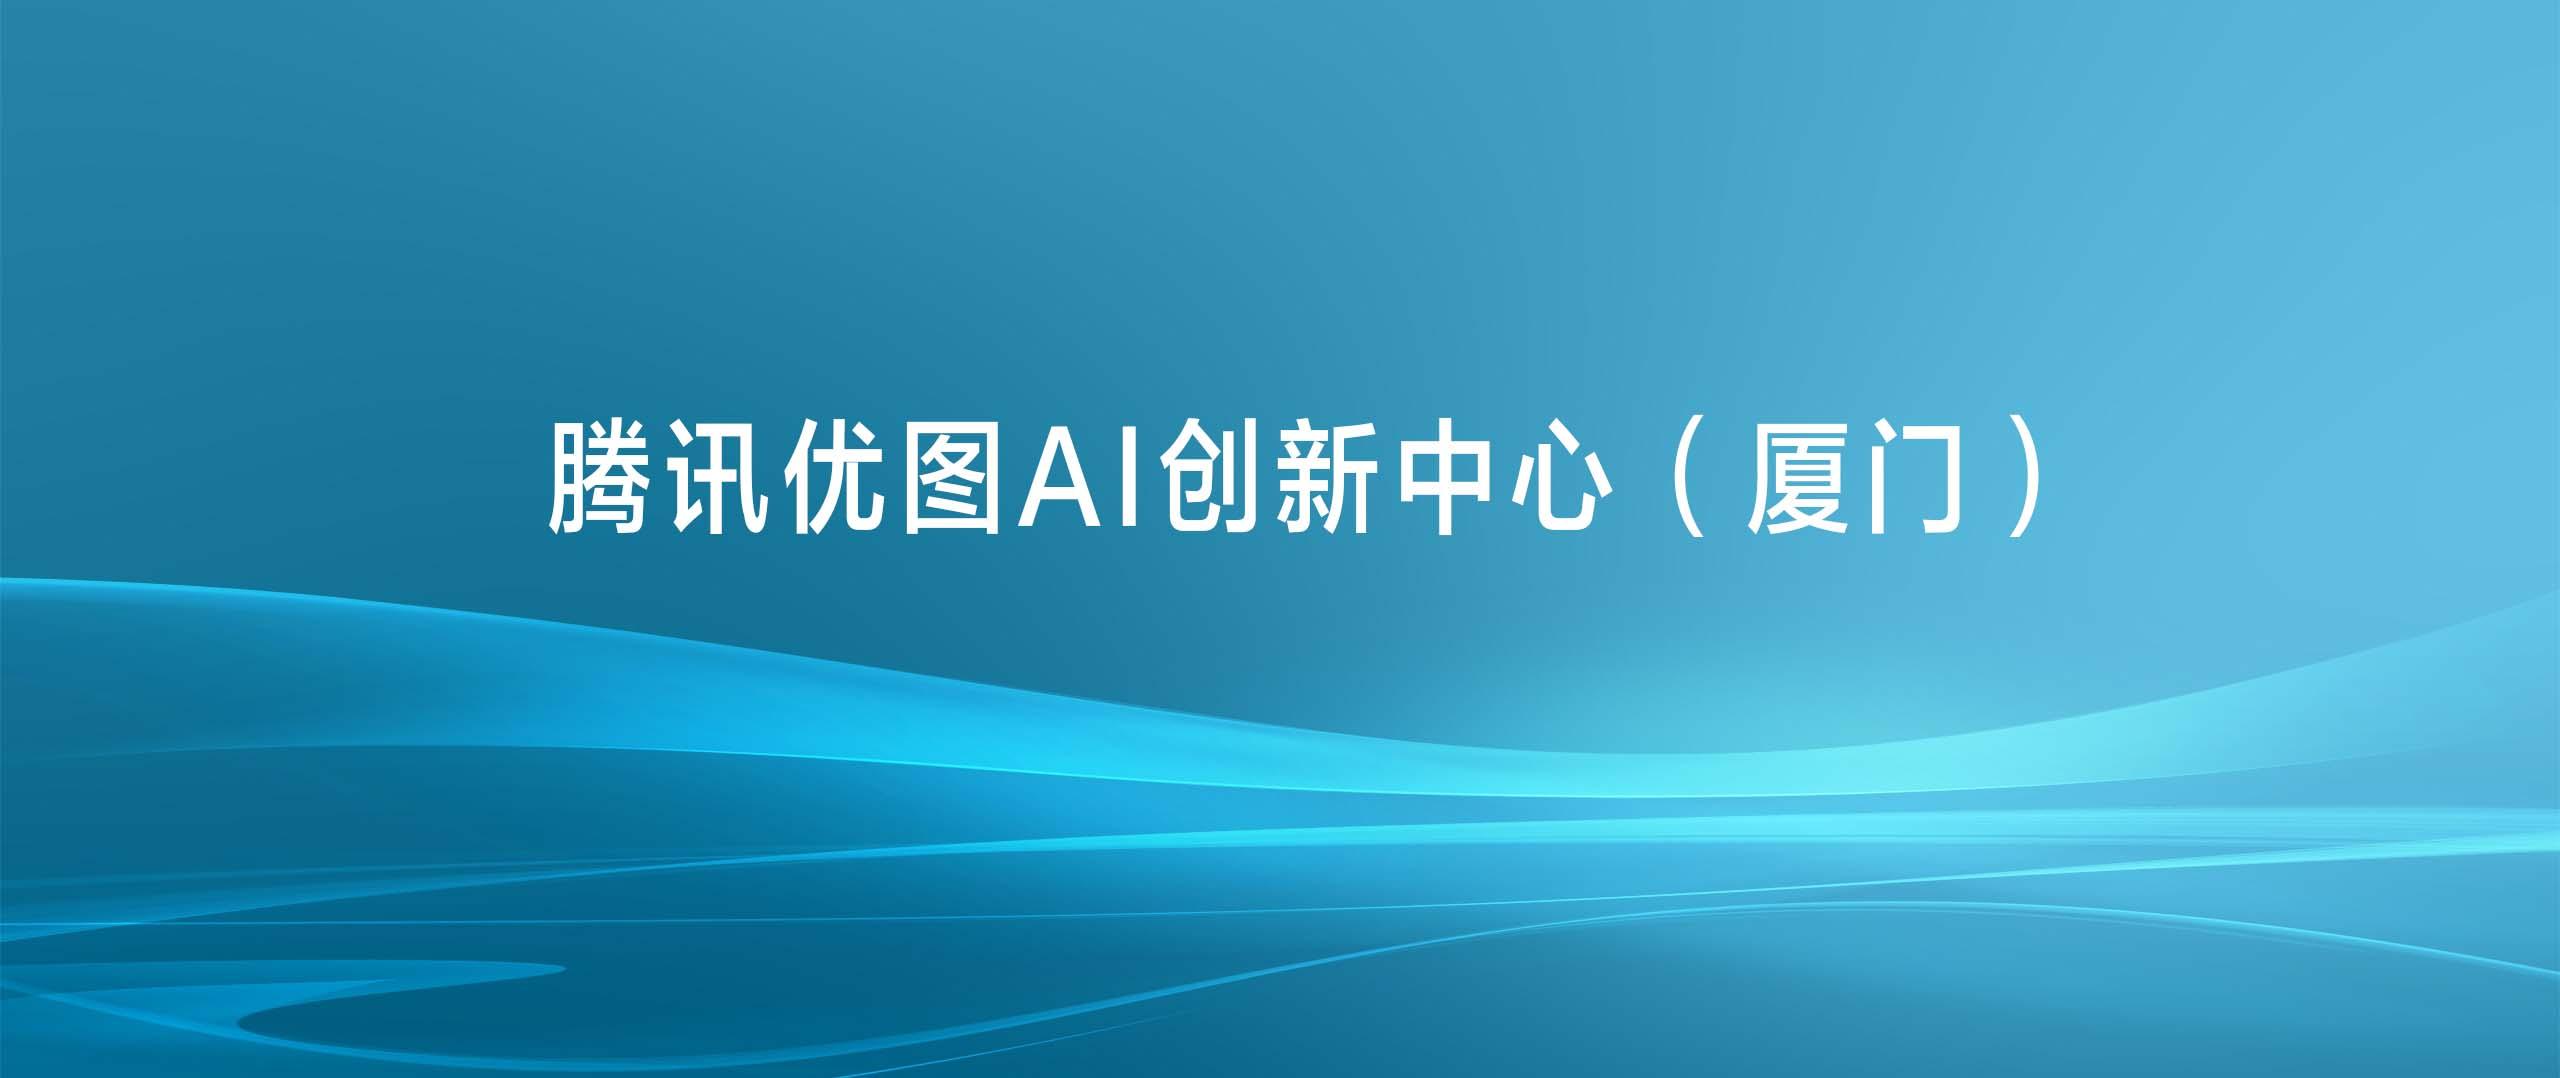 腾讯优图AI创新中心落户厦门,专注于计算机视觉领域研发